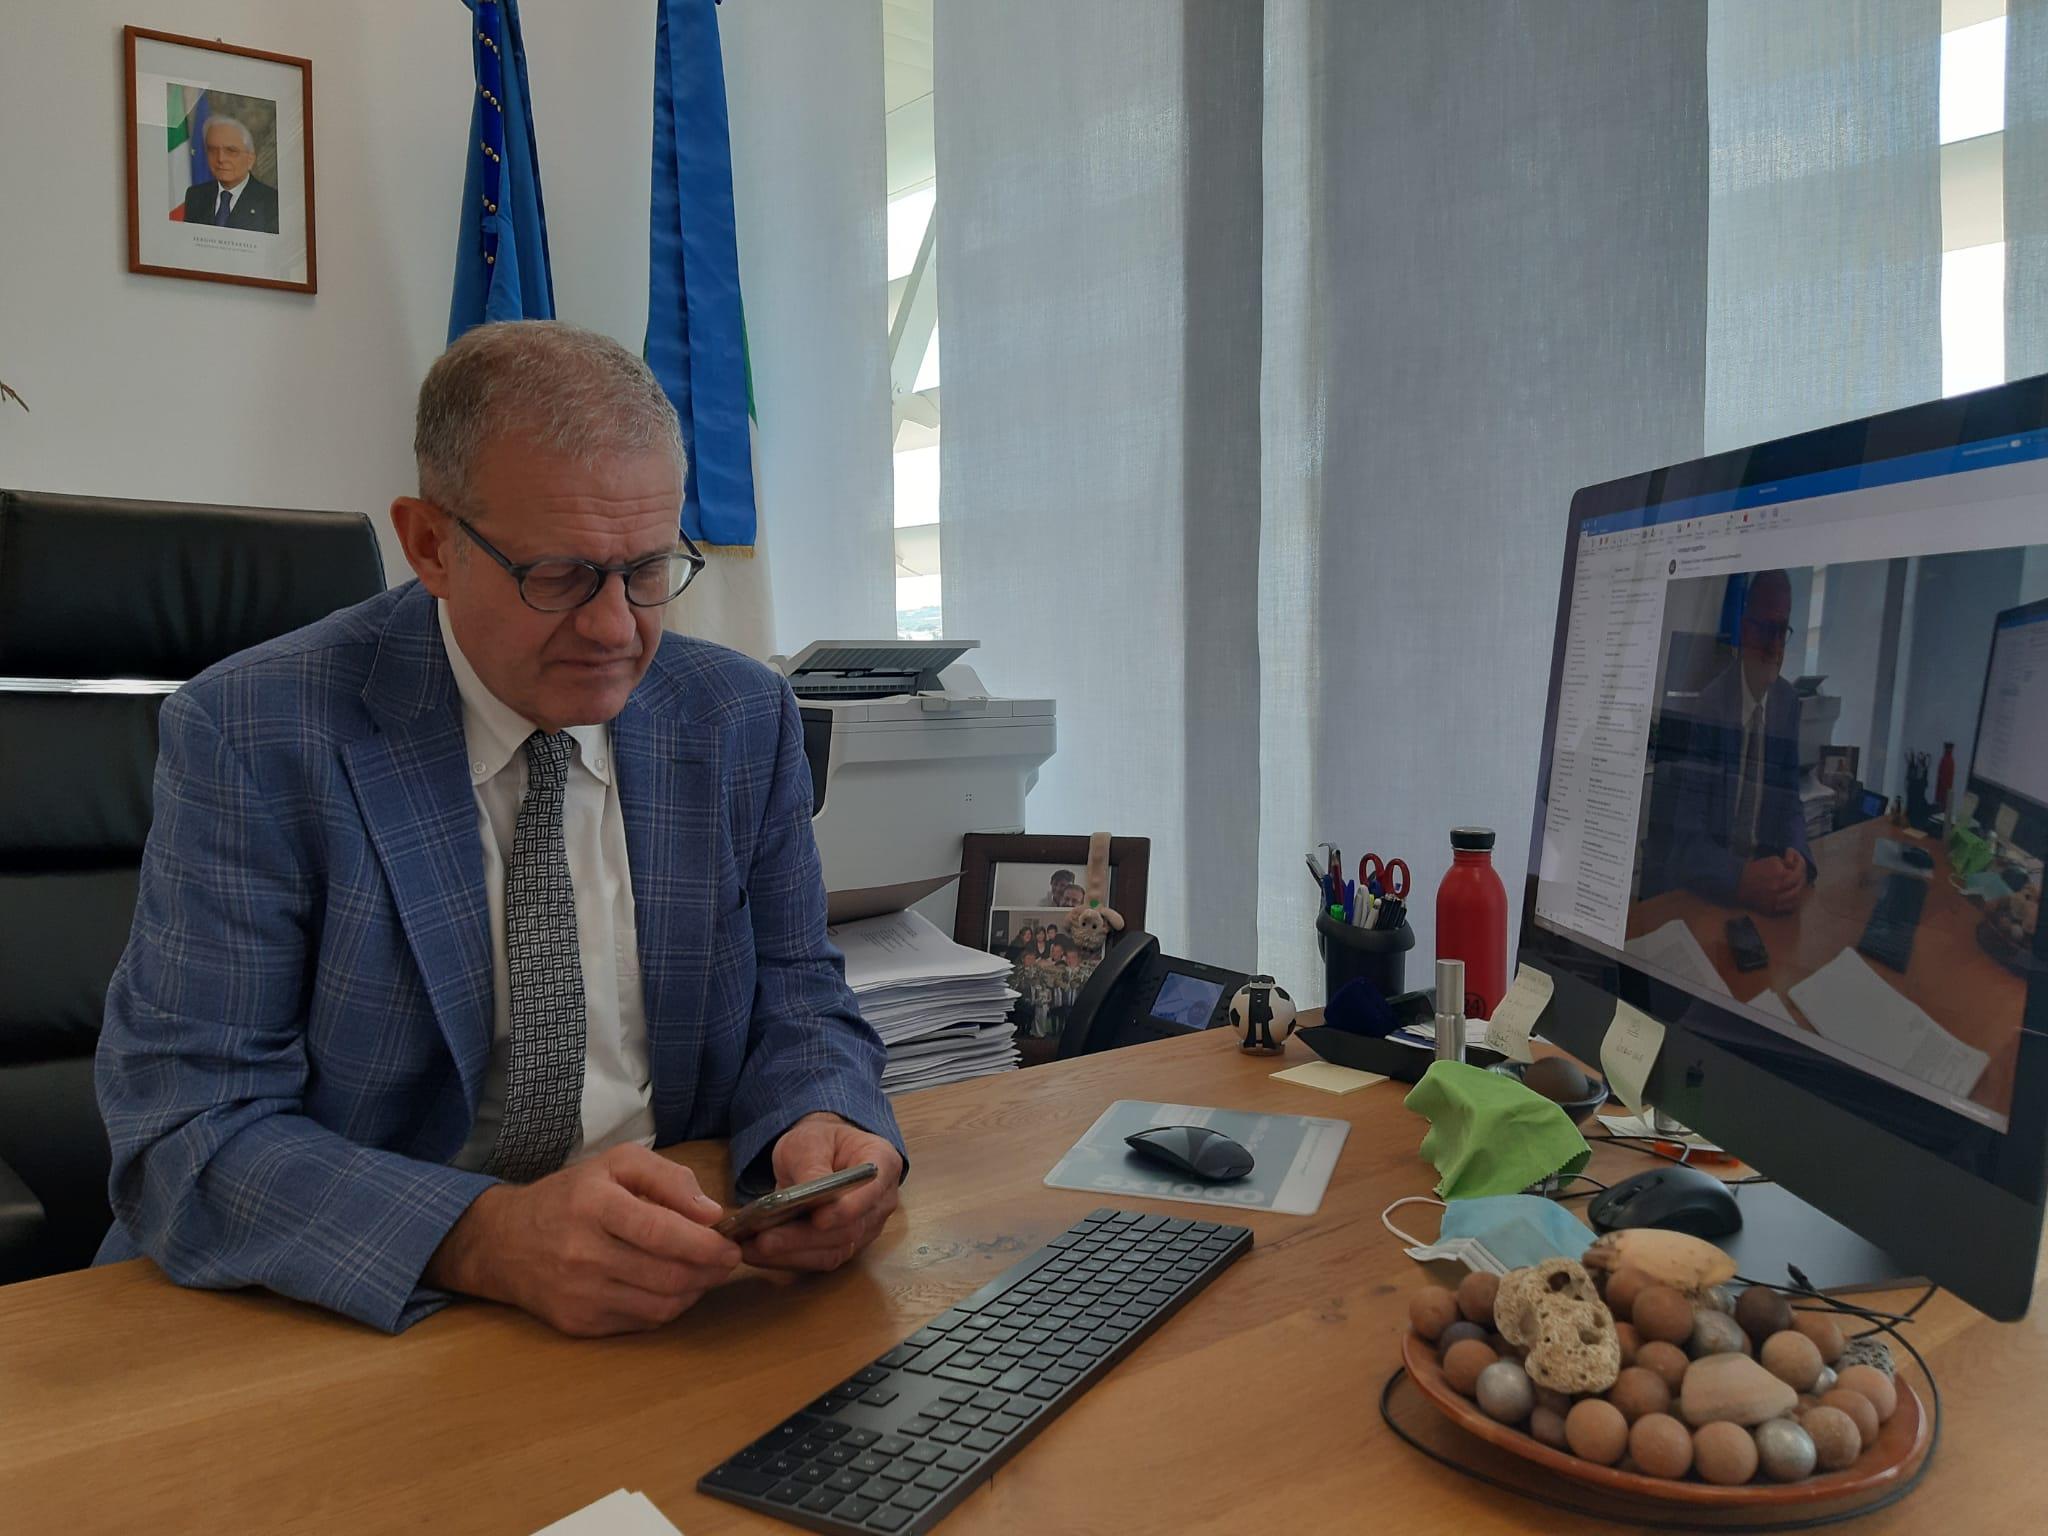 誰是朱塞佩·科爾帕尼,由卡羅扎擔任主席的 CNR 新任主任